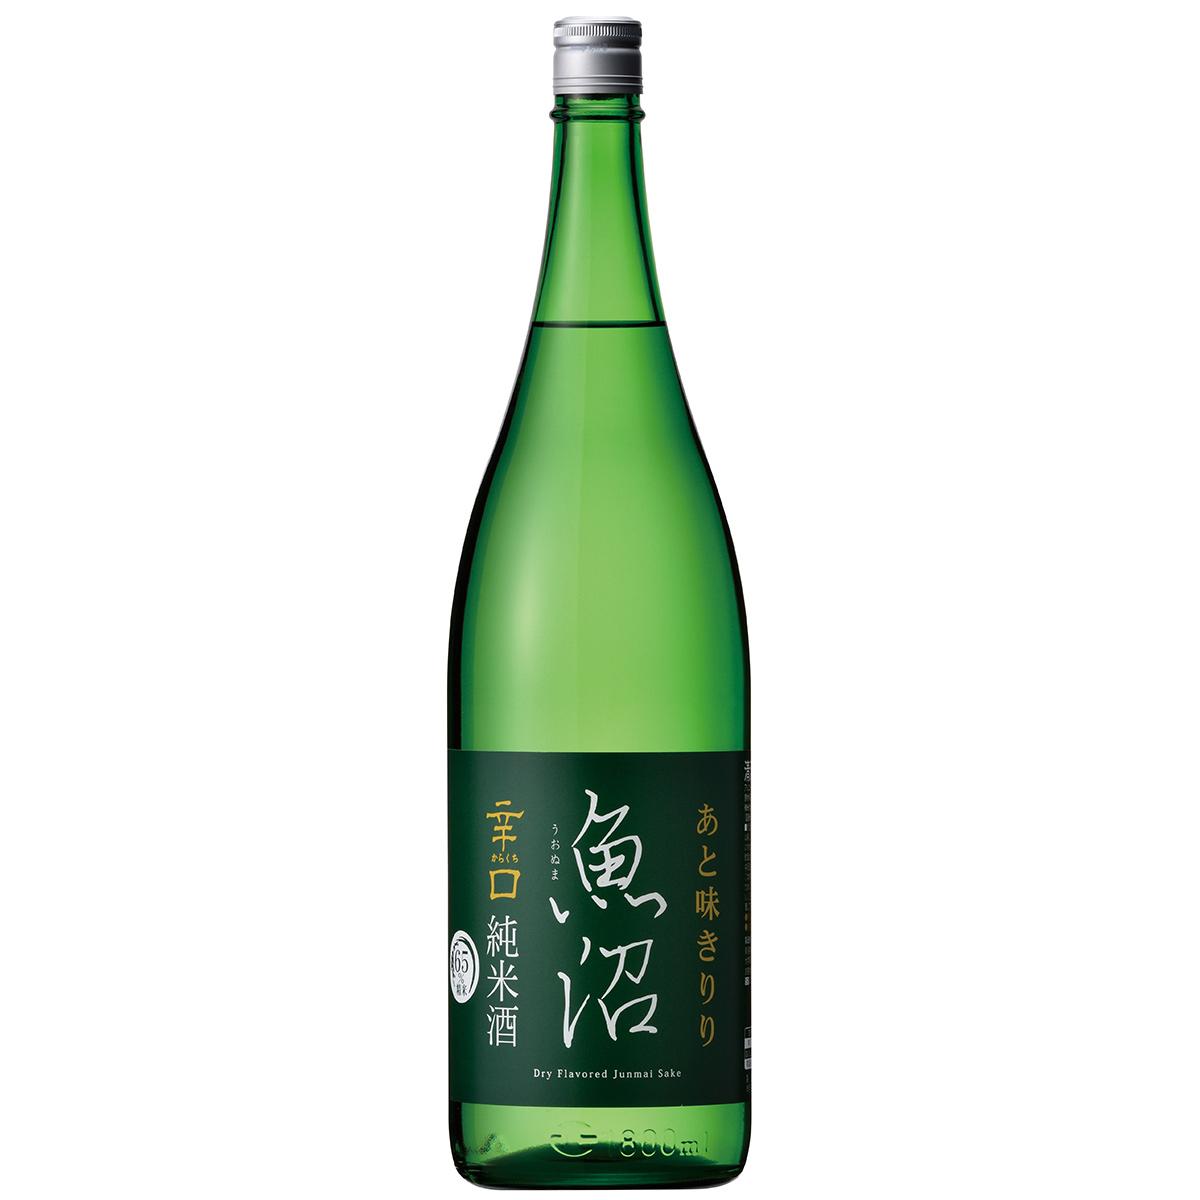 まろやかな飲み口でキレのあるあと味 売買 再販ご予約限定送料無料 お中元 日本酒 ギフト 辛口魚沼 白瀧酒造 1800ml 純米